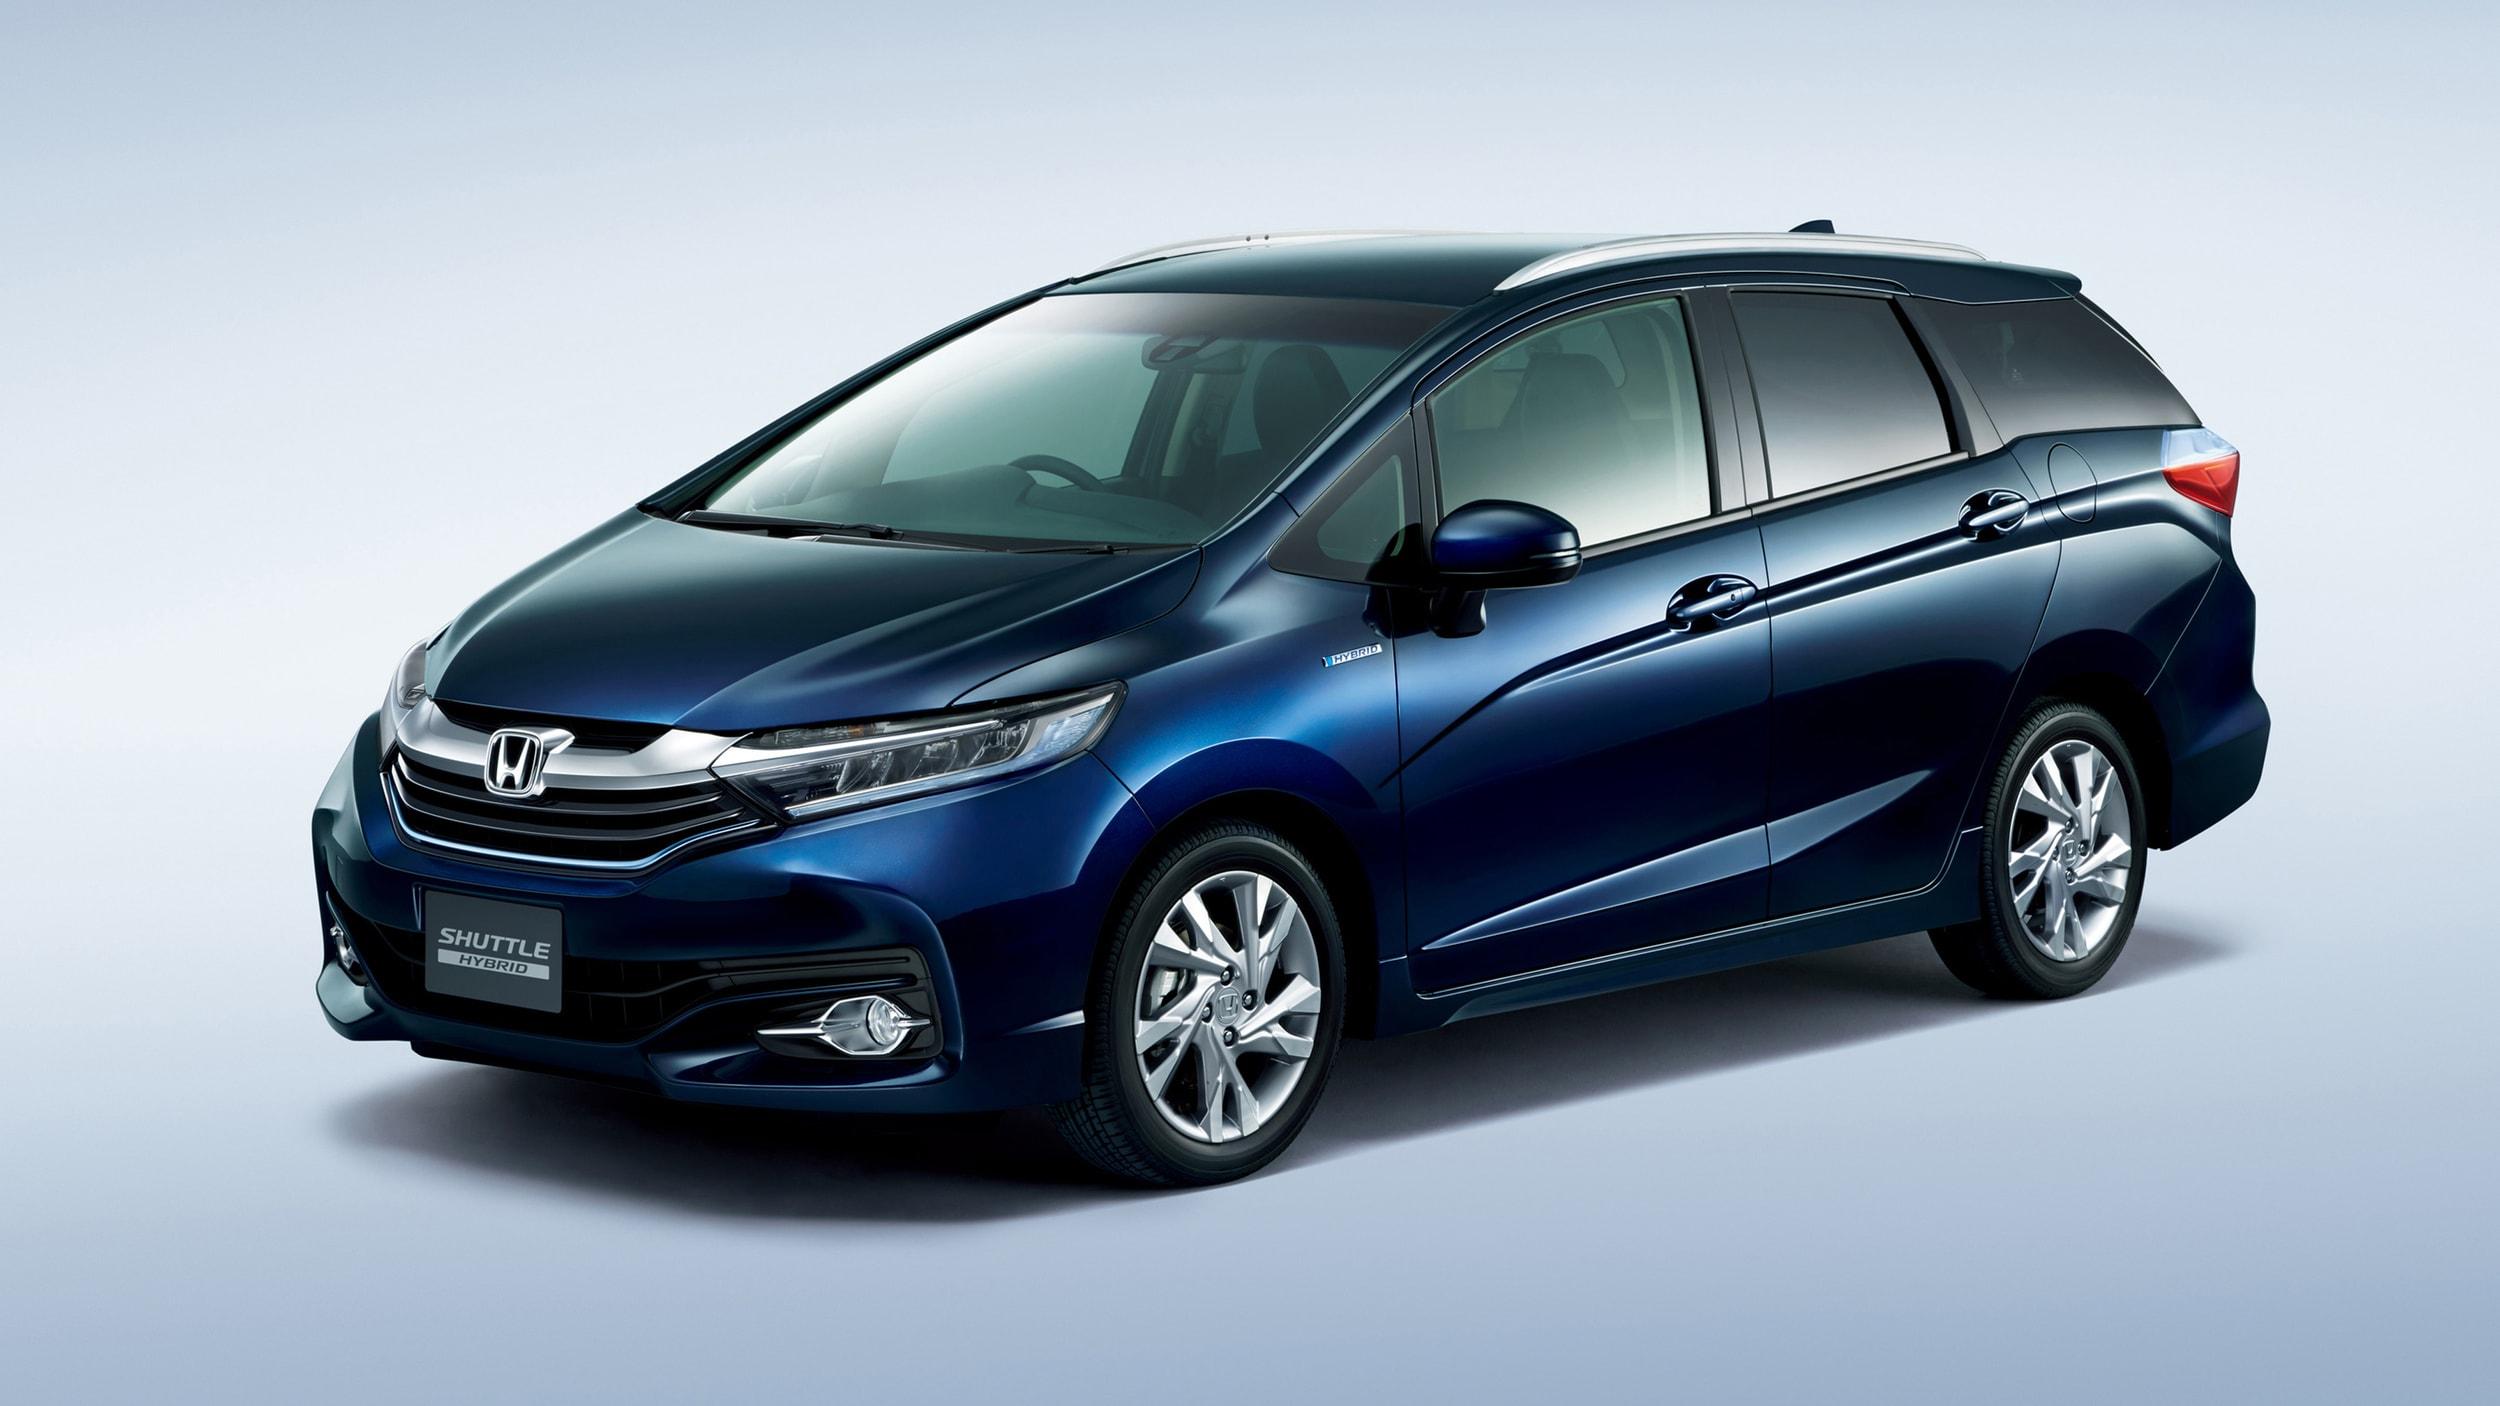 2015 Honda Shuttle revealed | CarAdvice